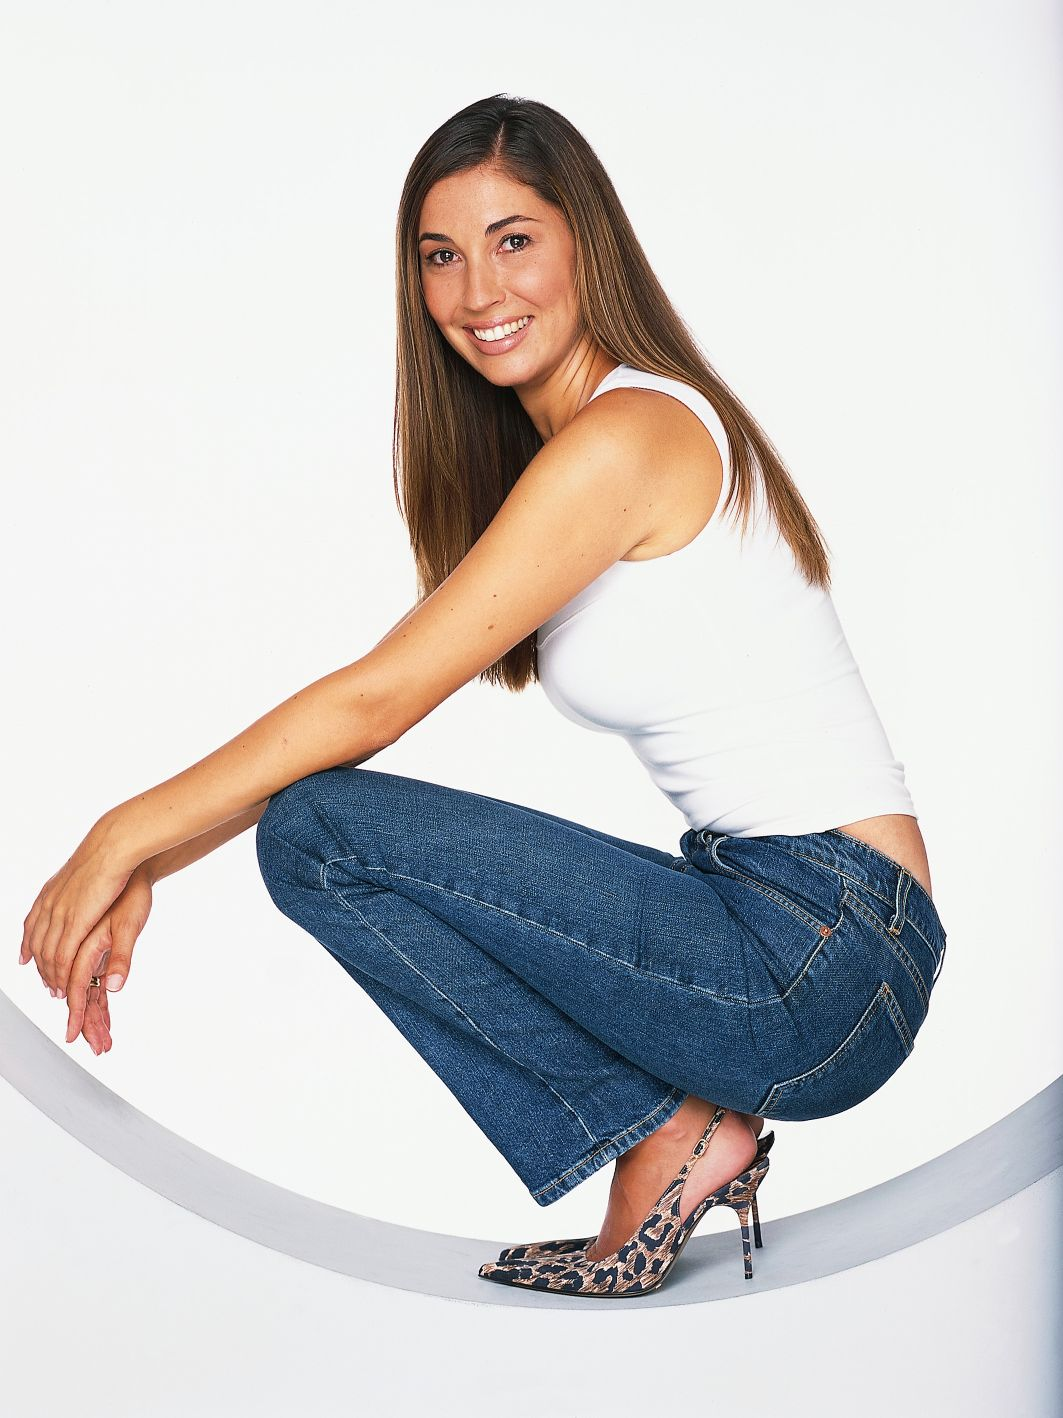 Daniela nackt Worel Daniela Worel's